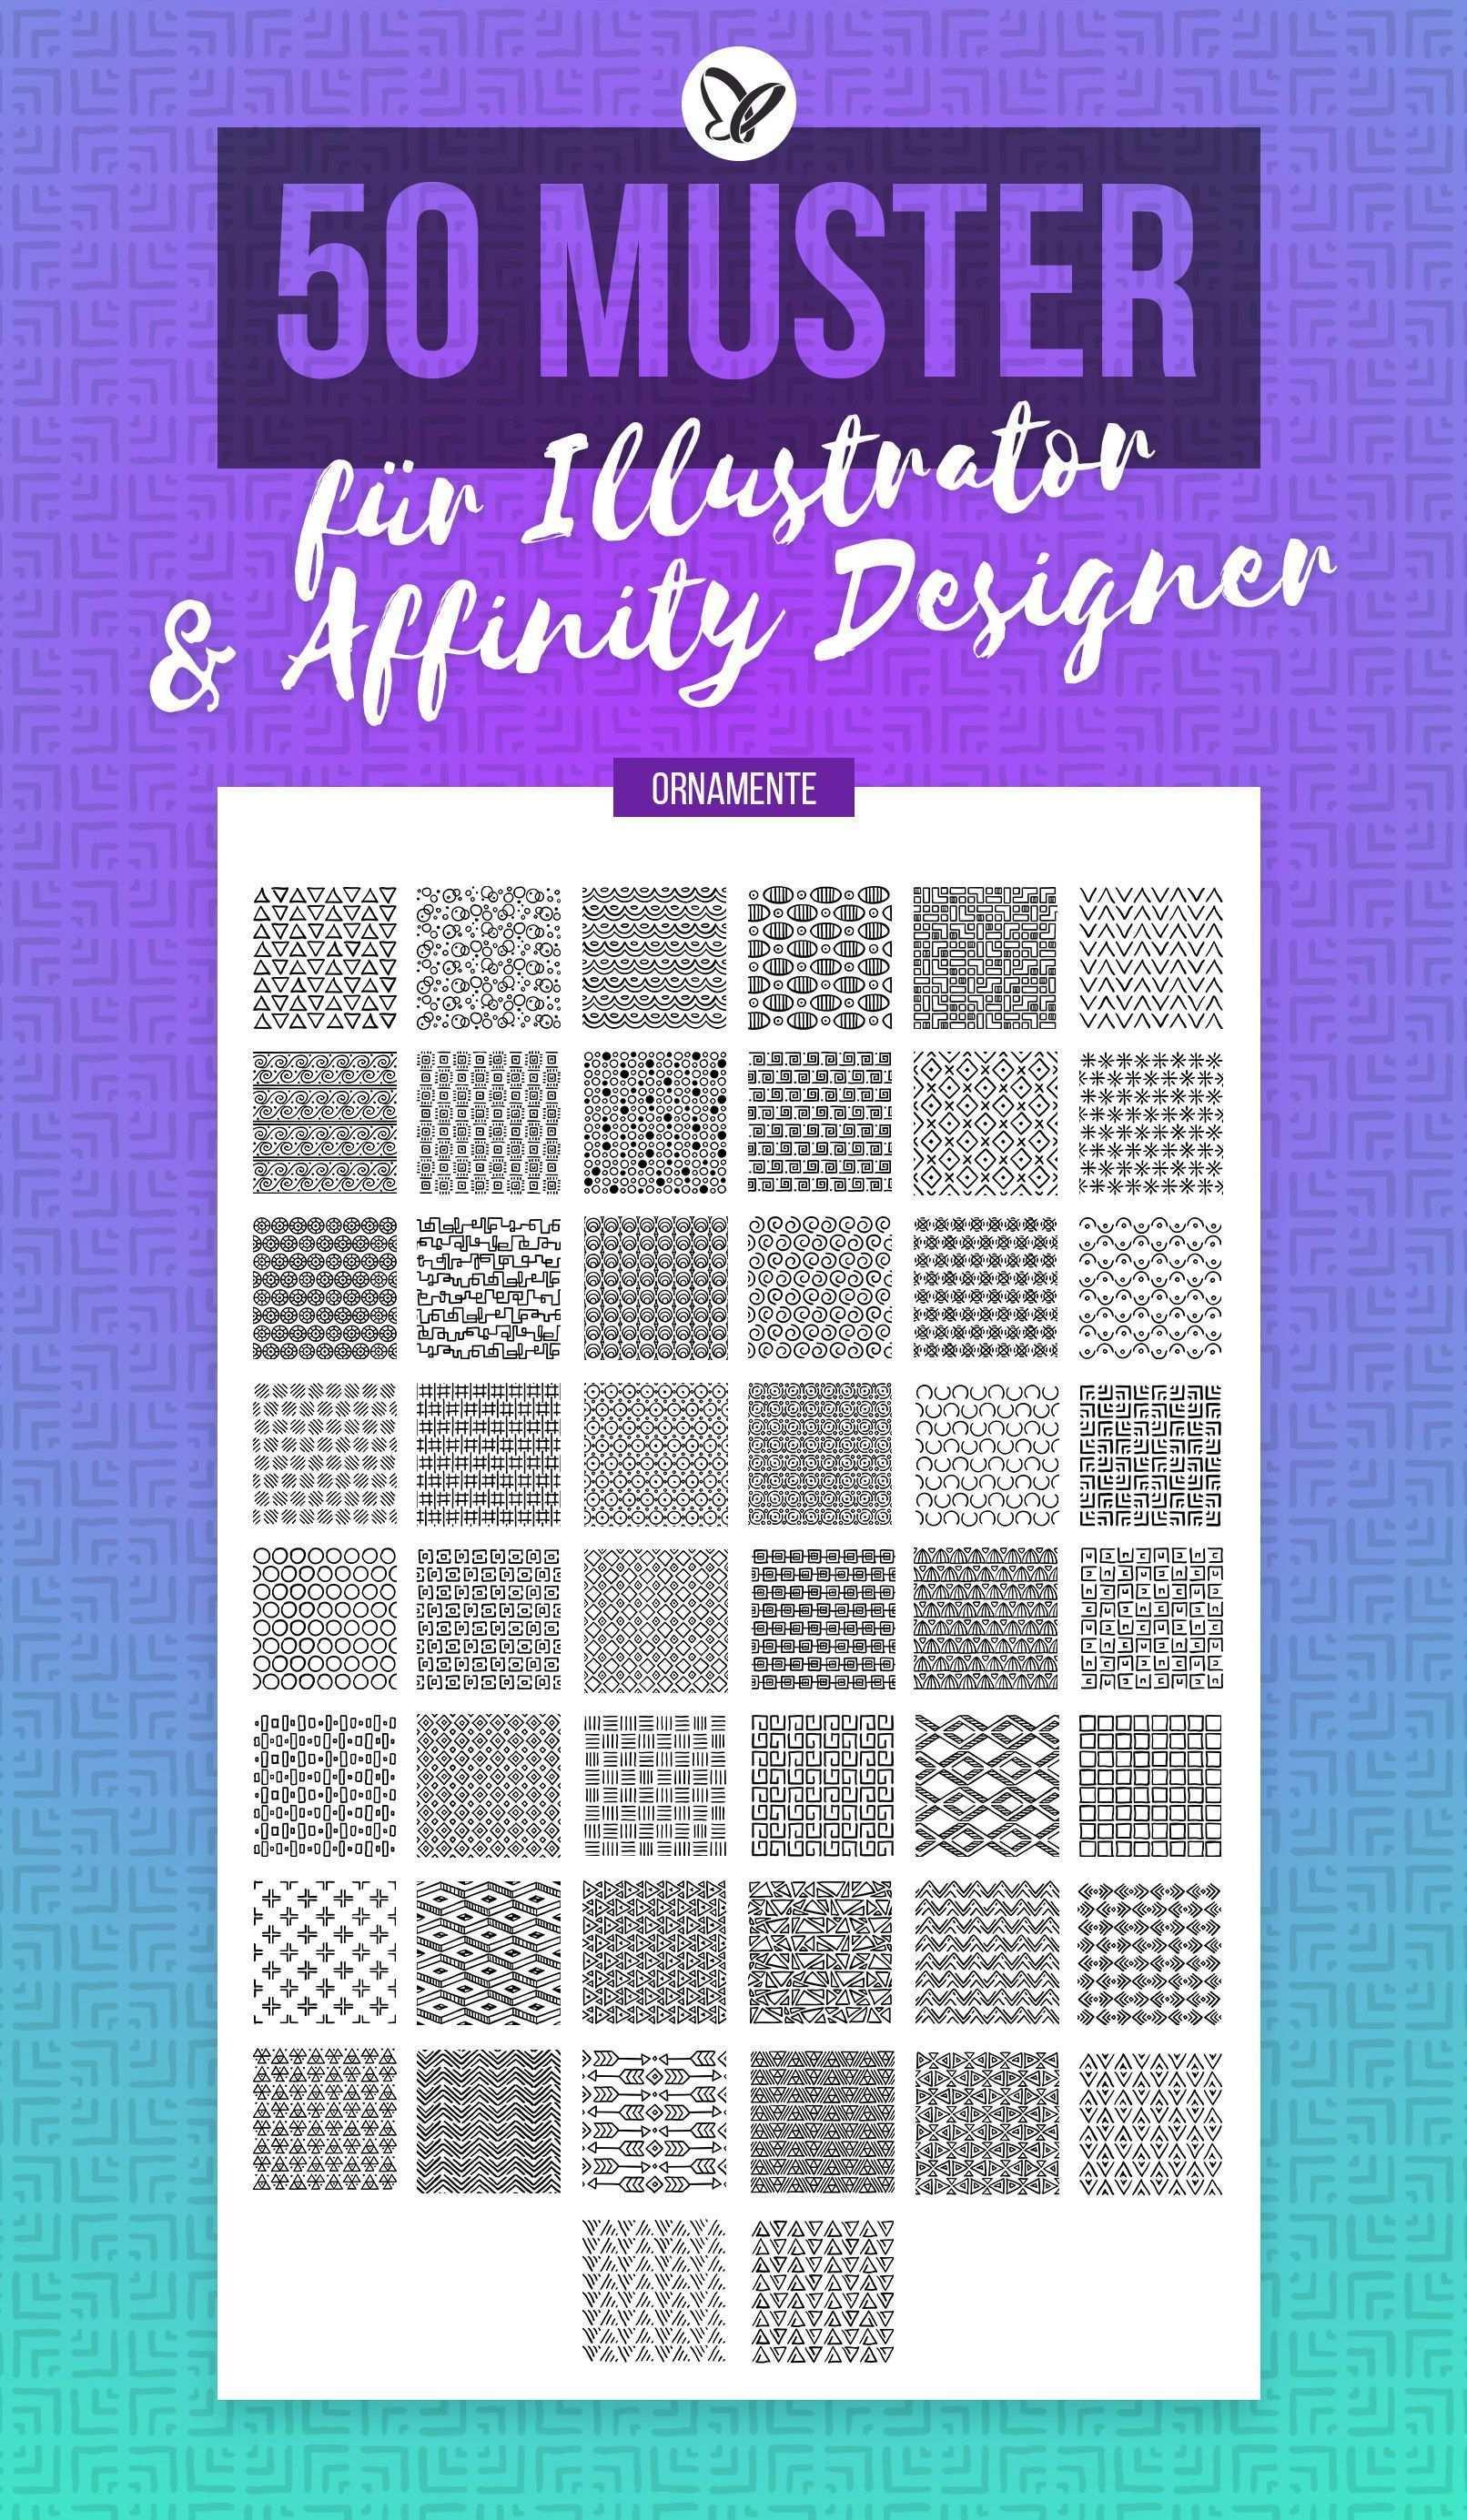 Ornamente Vektor Muster Fur Adobe Illustrator Und Affinity Designer In 2020 Vektor Muster Adobe Illustrator Ornamente